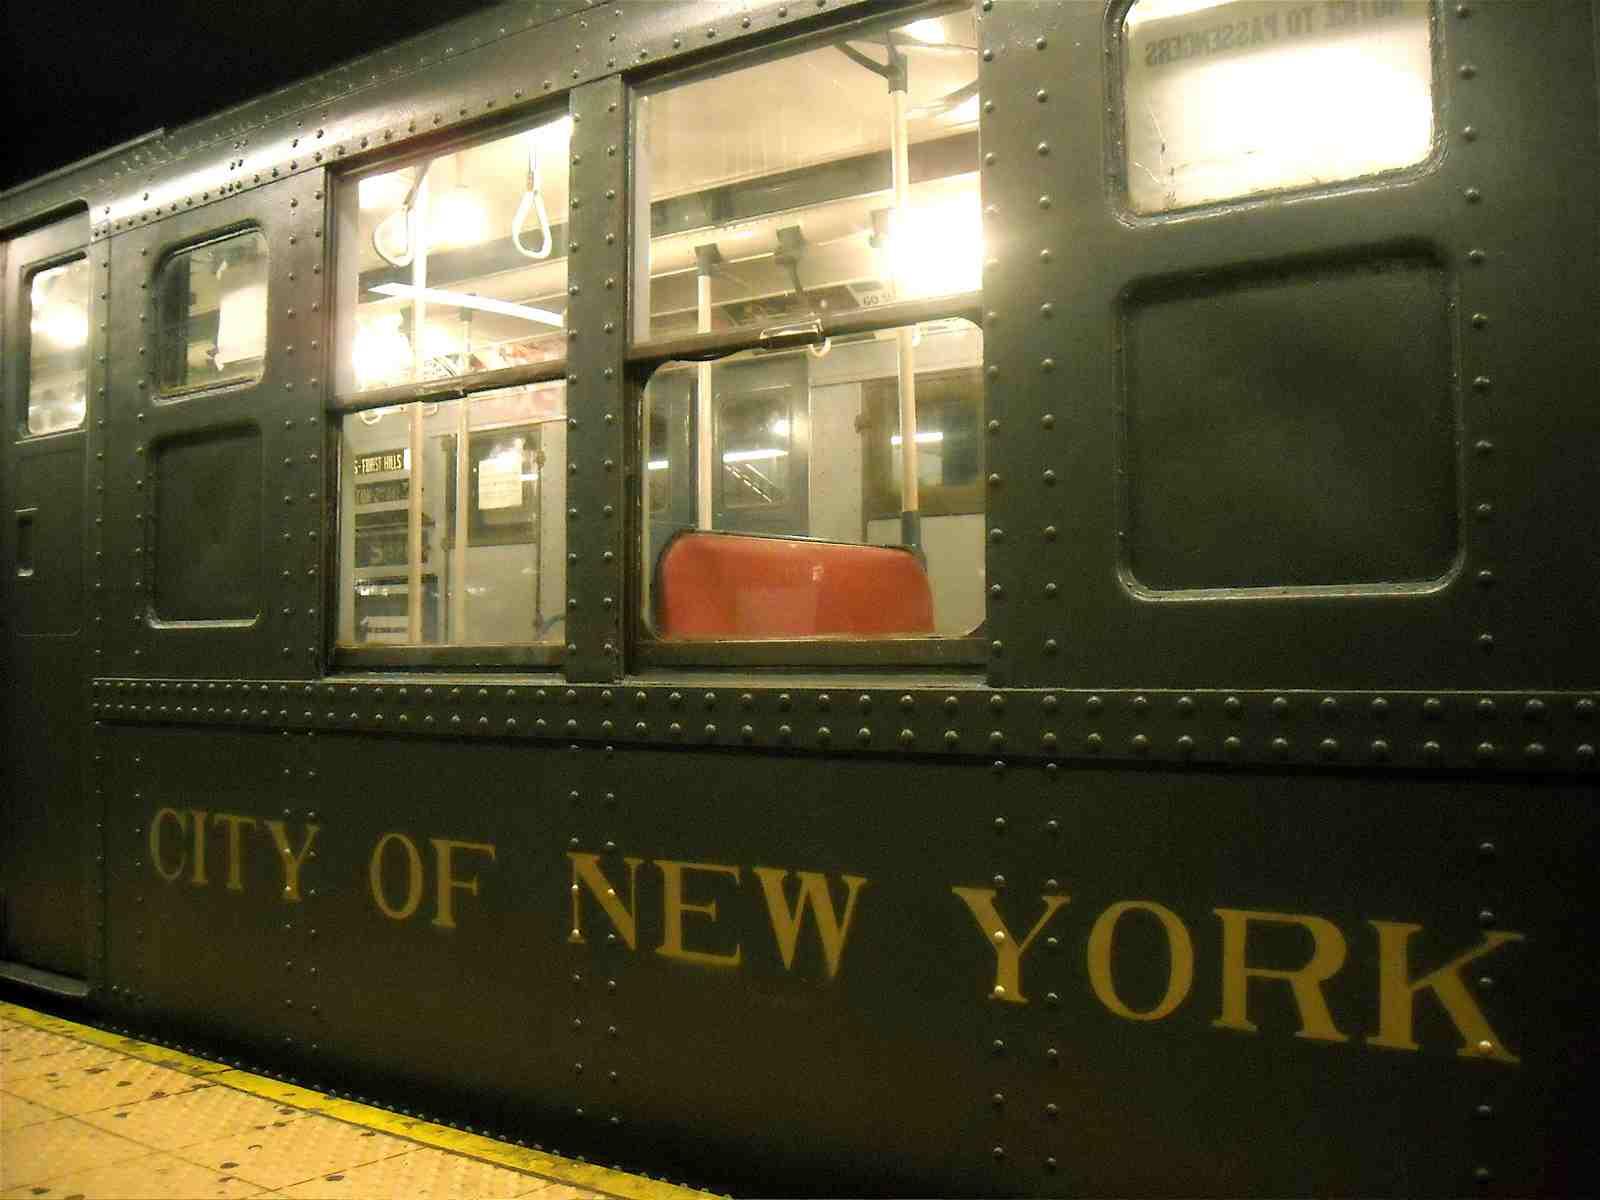 Viết về một cuộc hành trình bằng tàu hỏa - bài tiểu luận tiếng anh